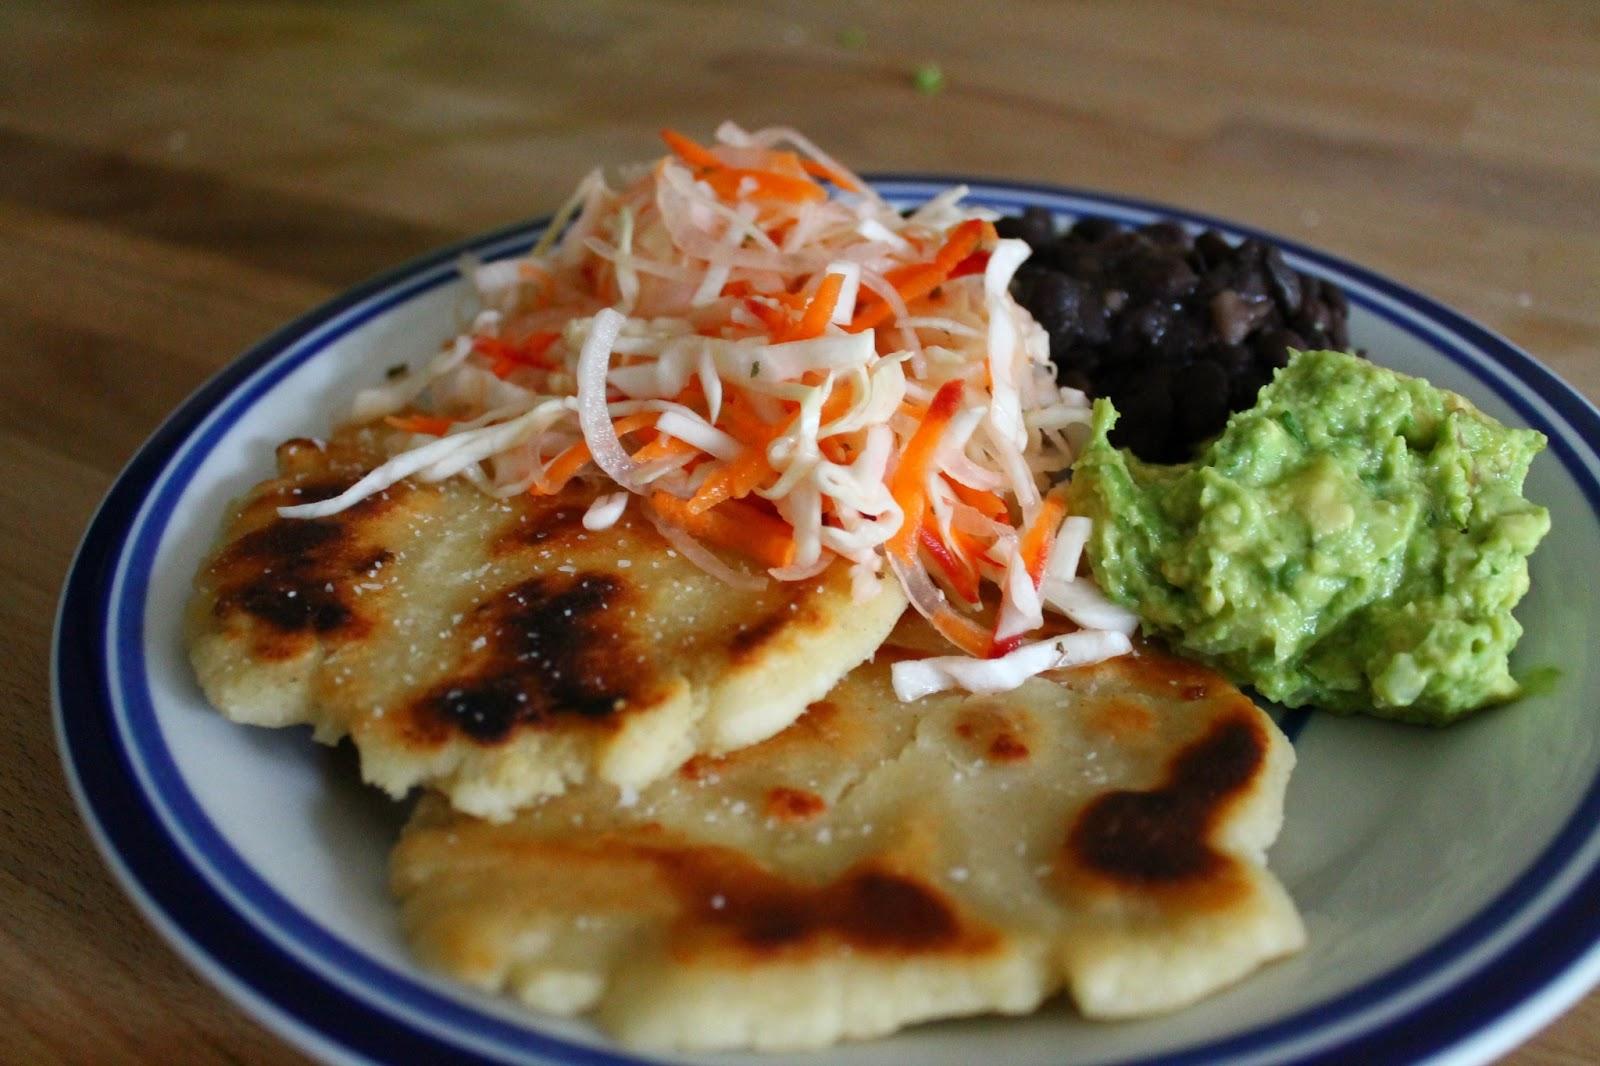 Salvadoran Pupusas Con Curtido (Masa Cakes With Cabbage ...Salvadoran Pupusas Con Curtido